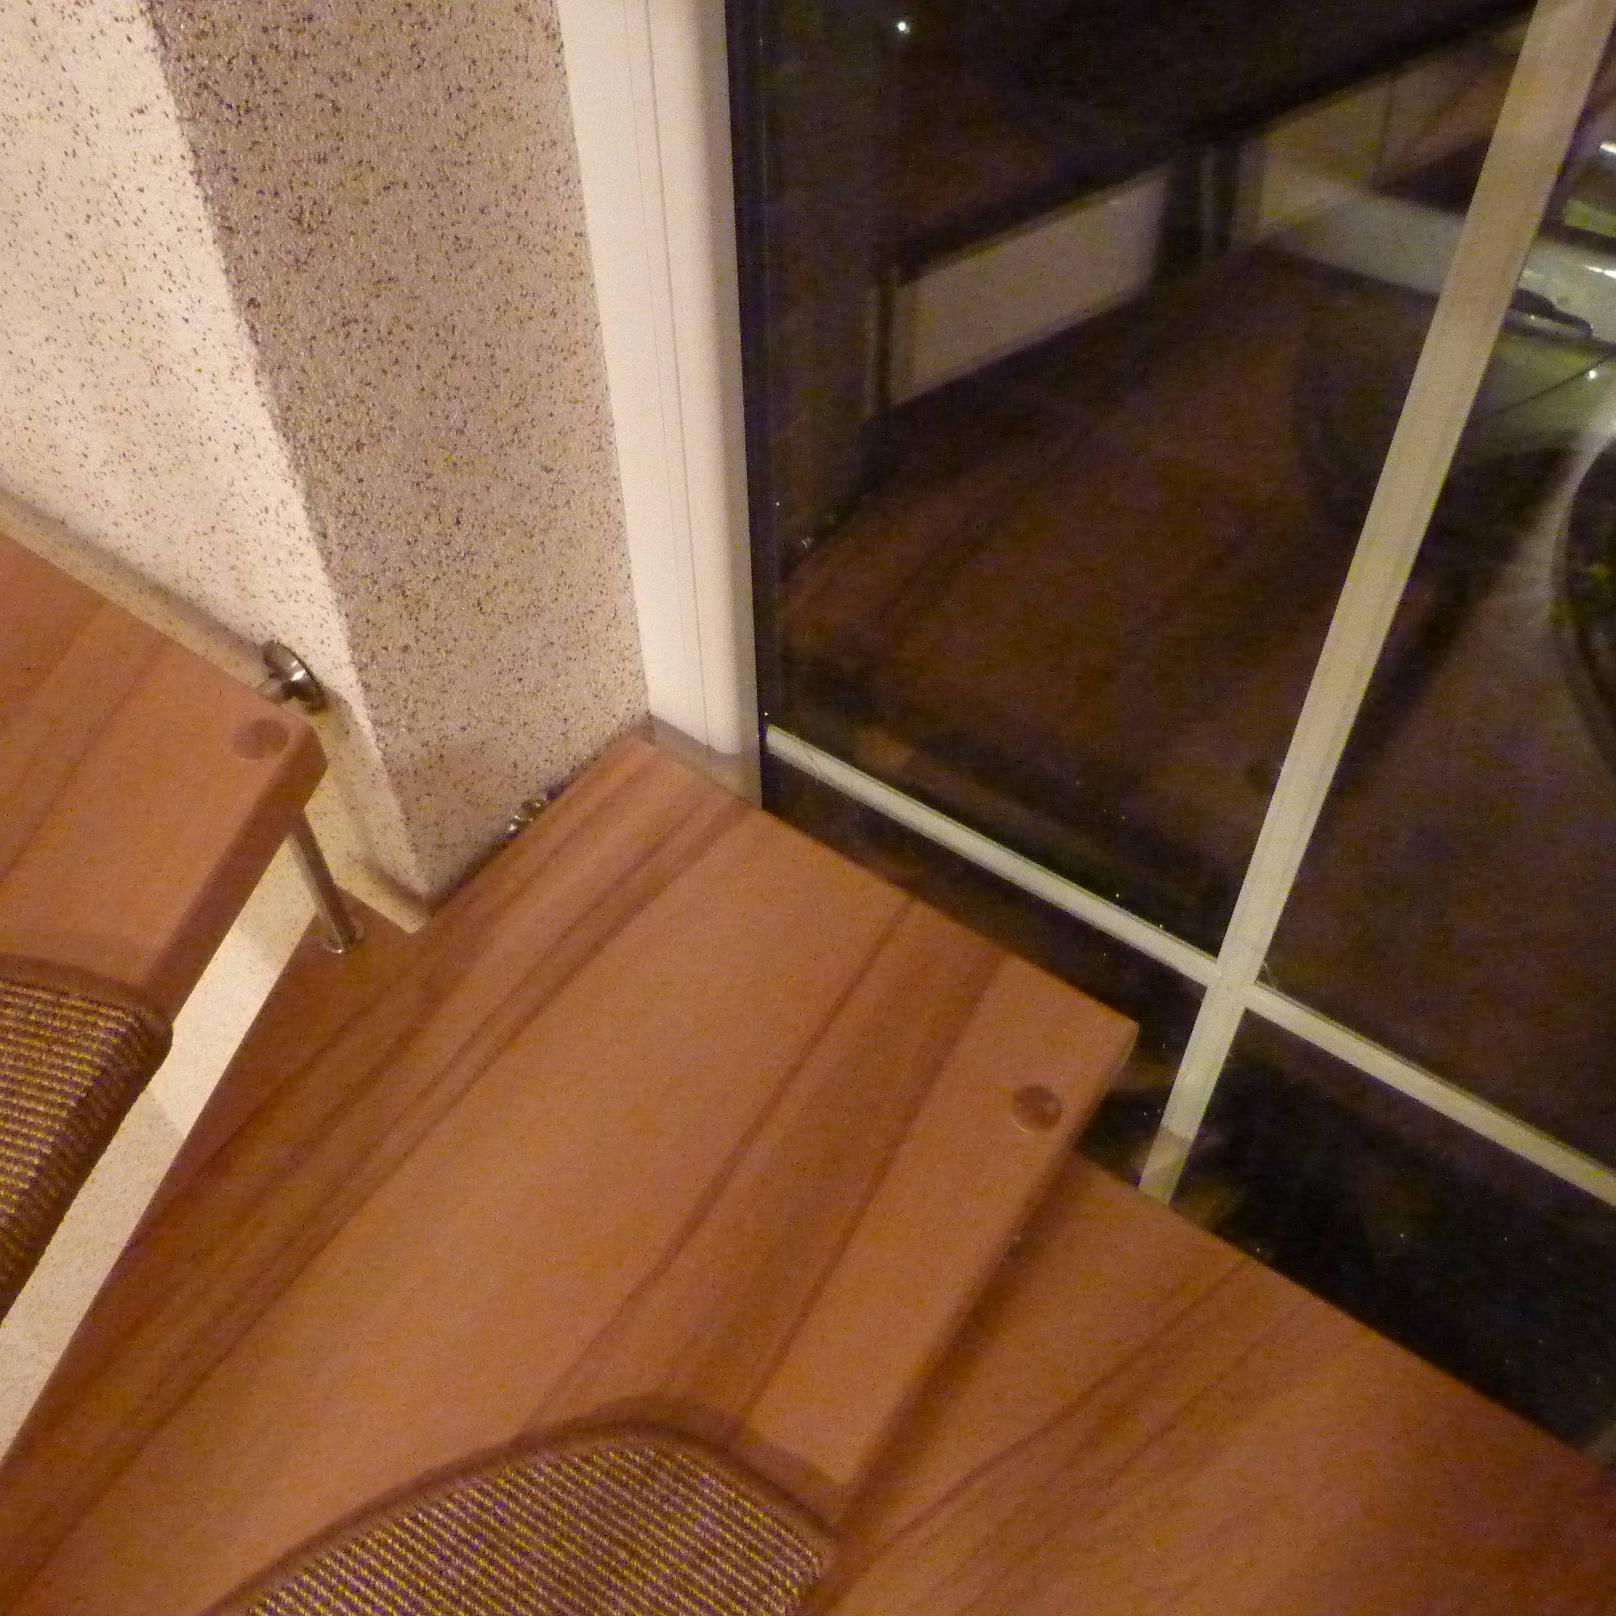 117 Stufen im Fensterlicht